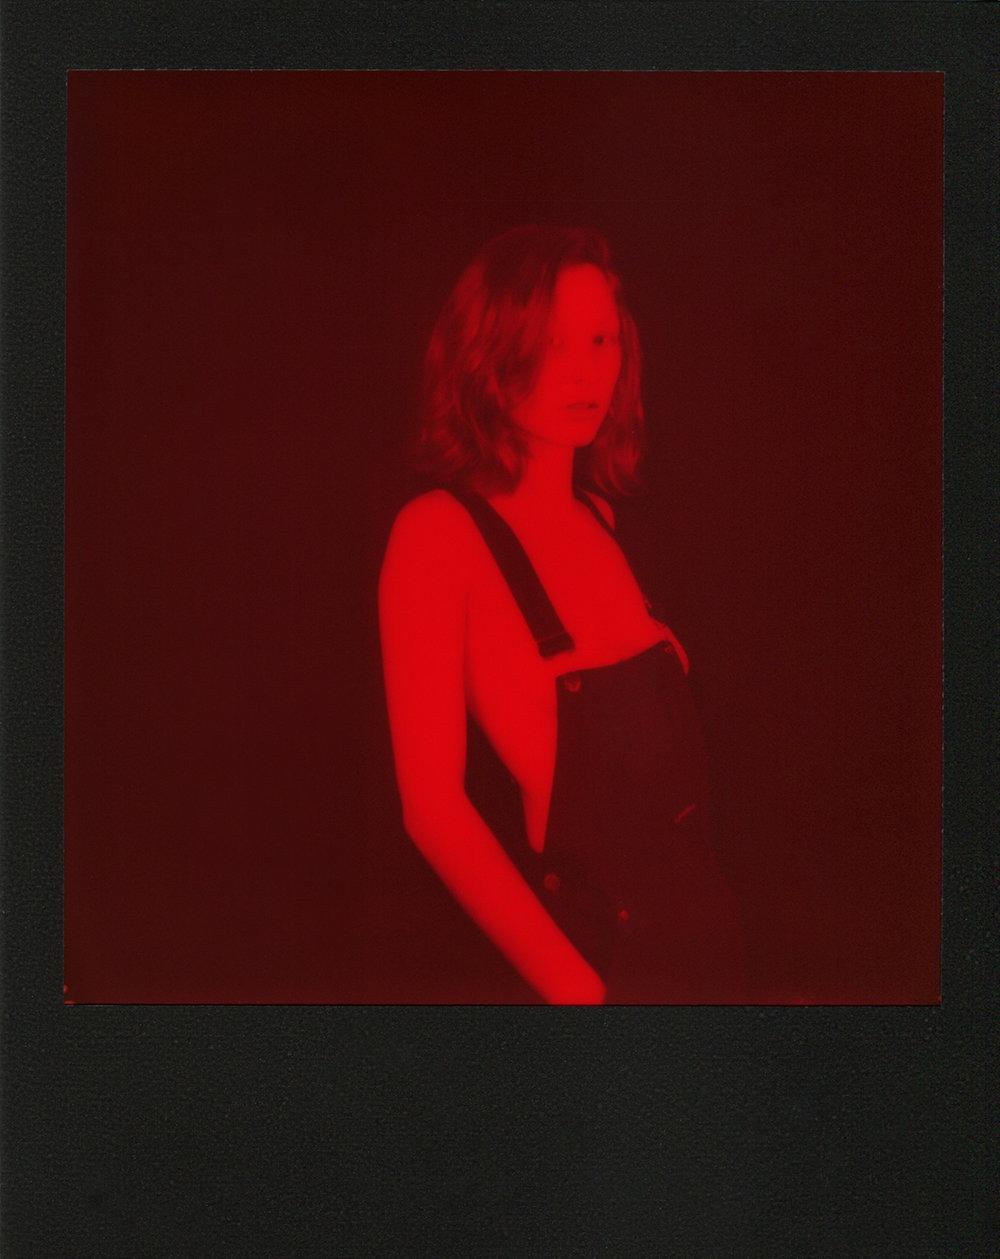 Rachel-Red-Polaroid-casenruiz.jpg